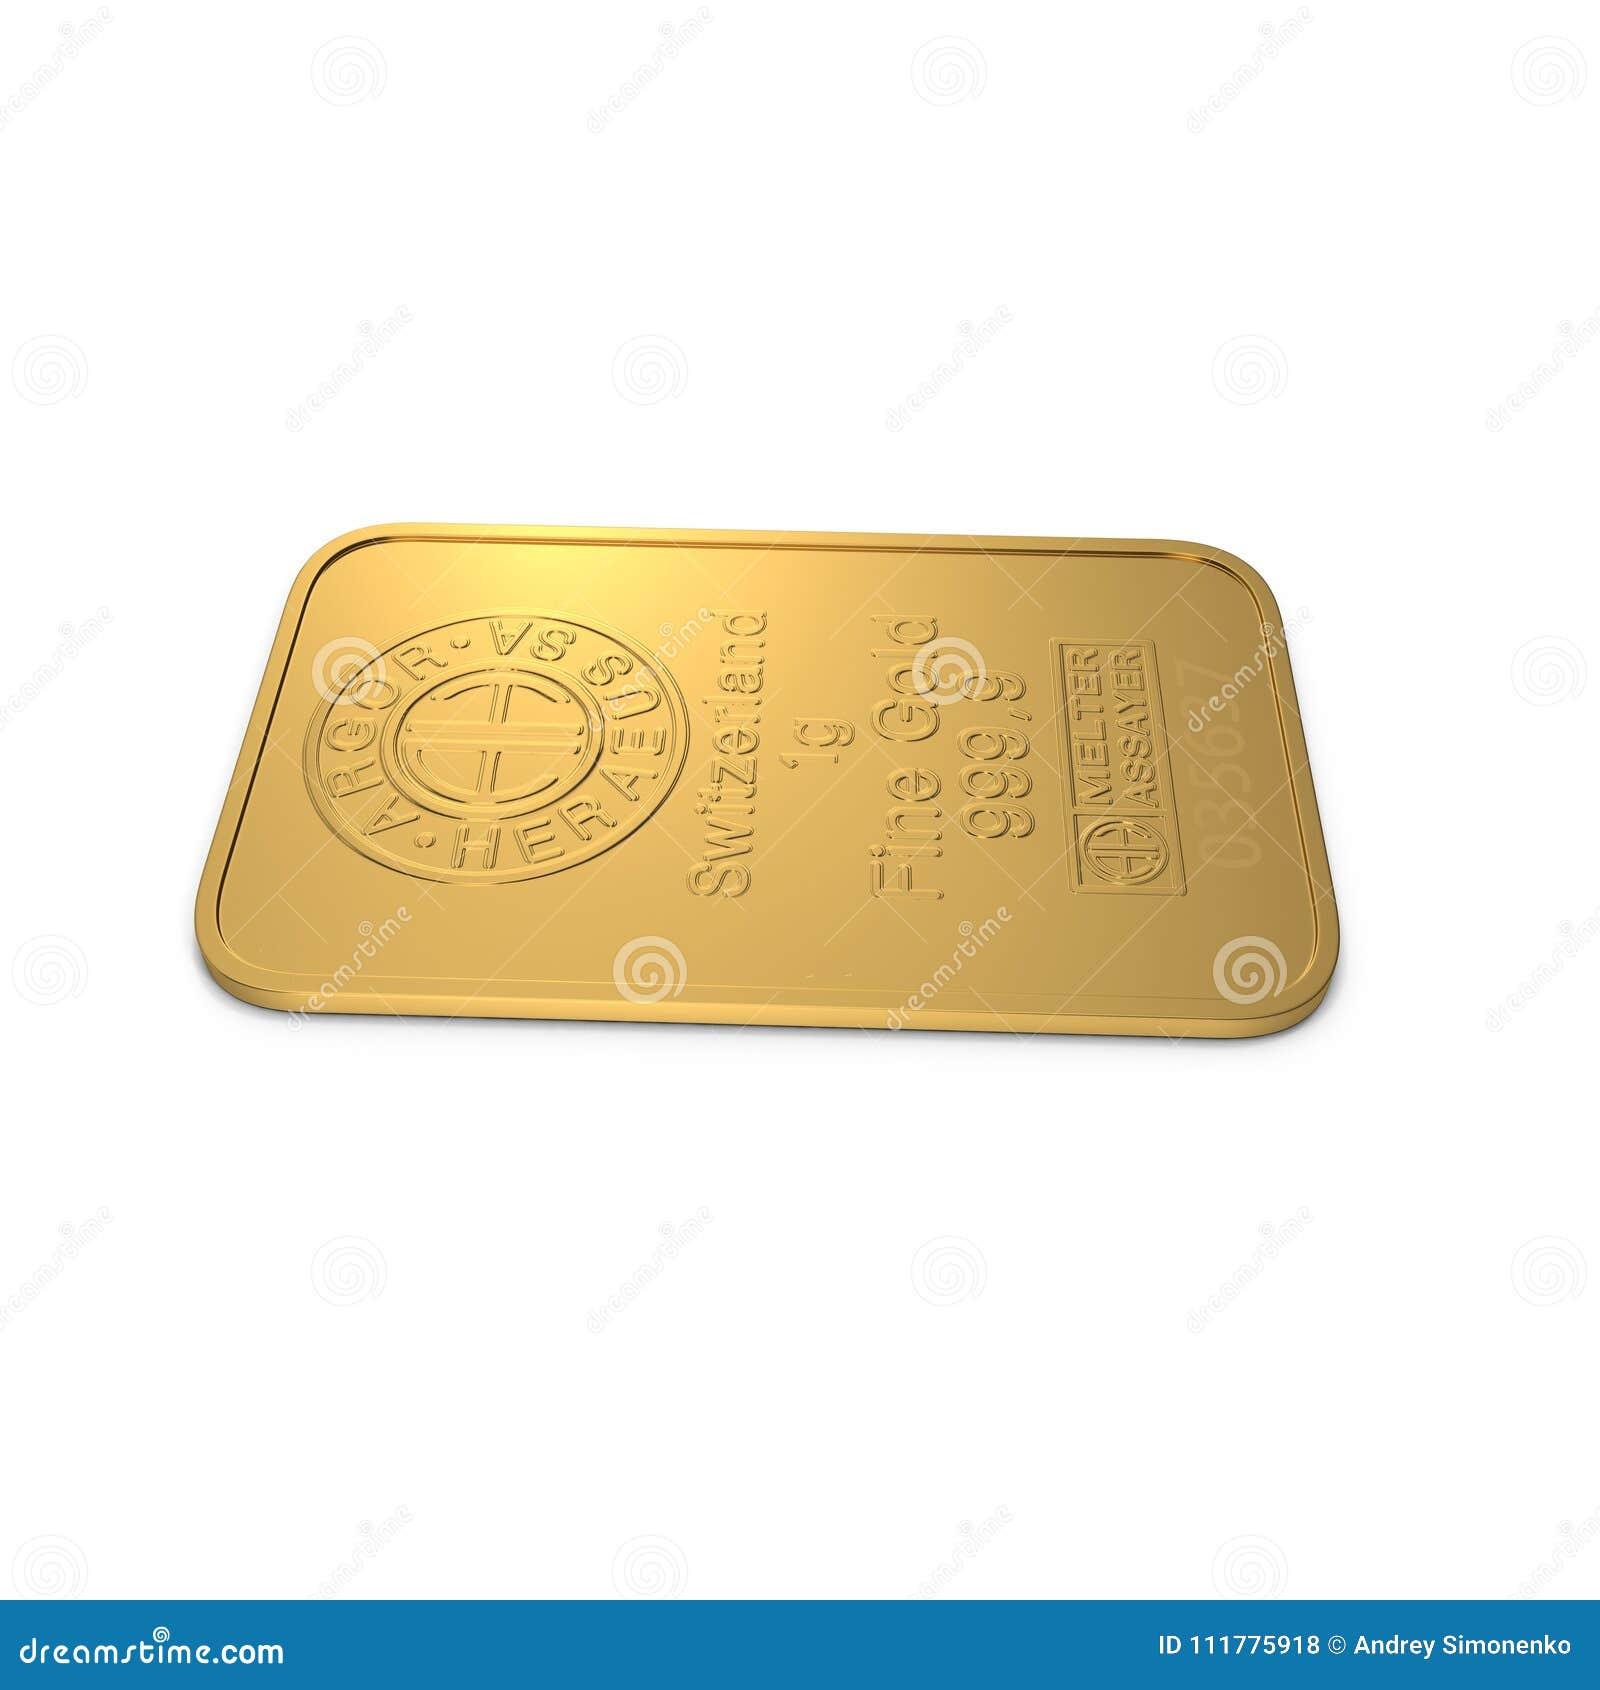 Gold bar 1g isolated on white. 3D illustration